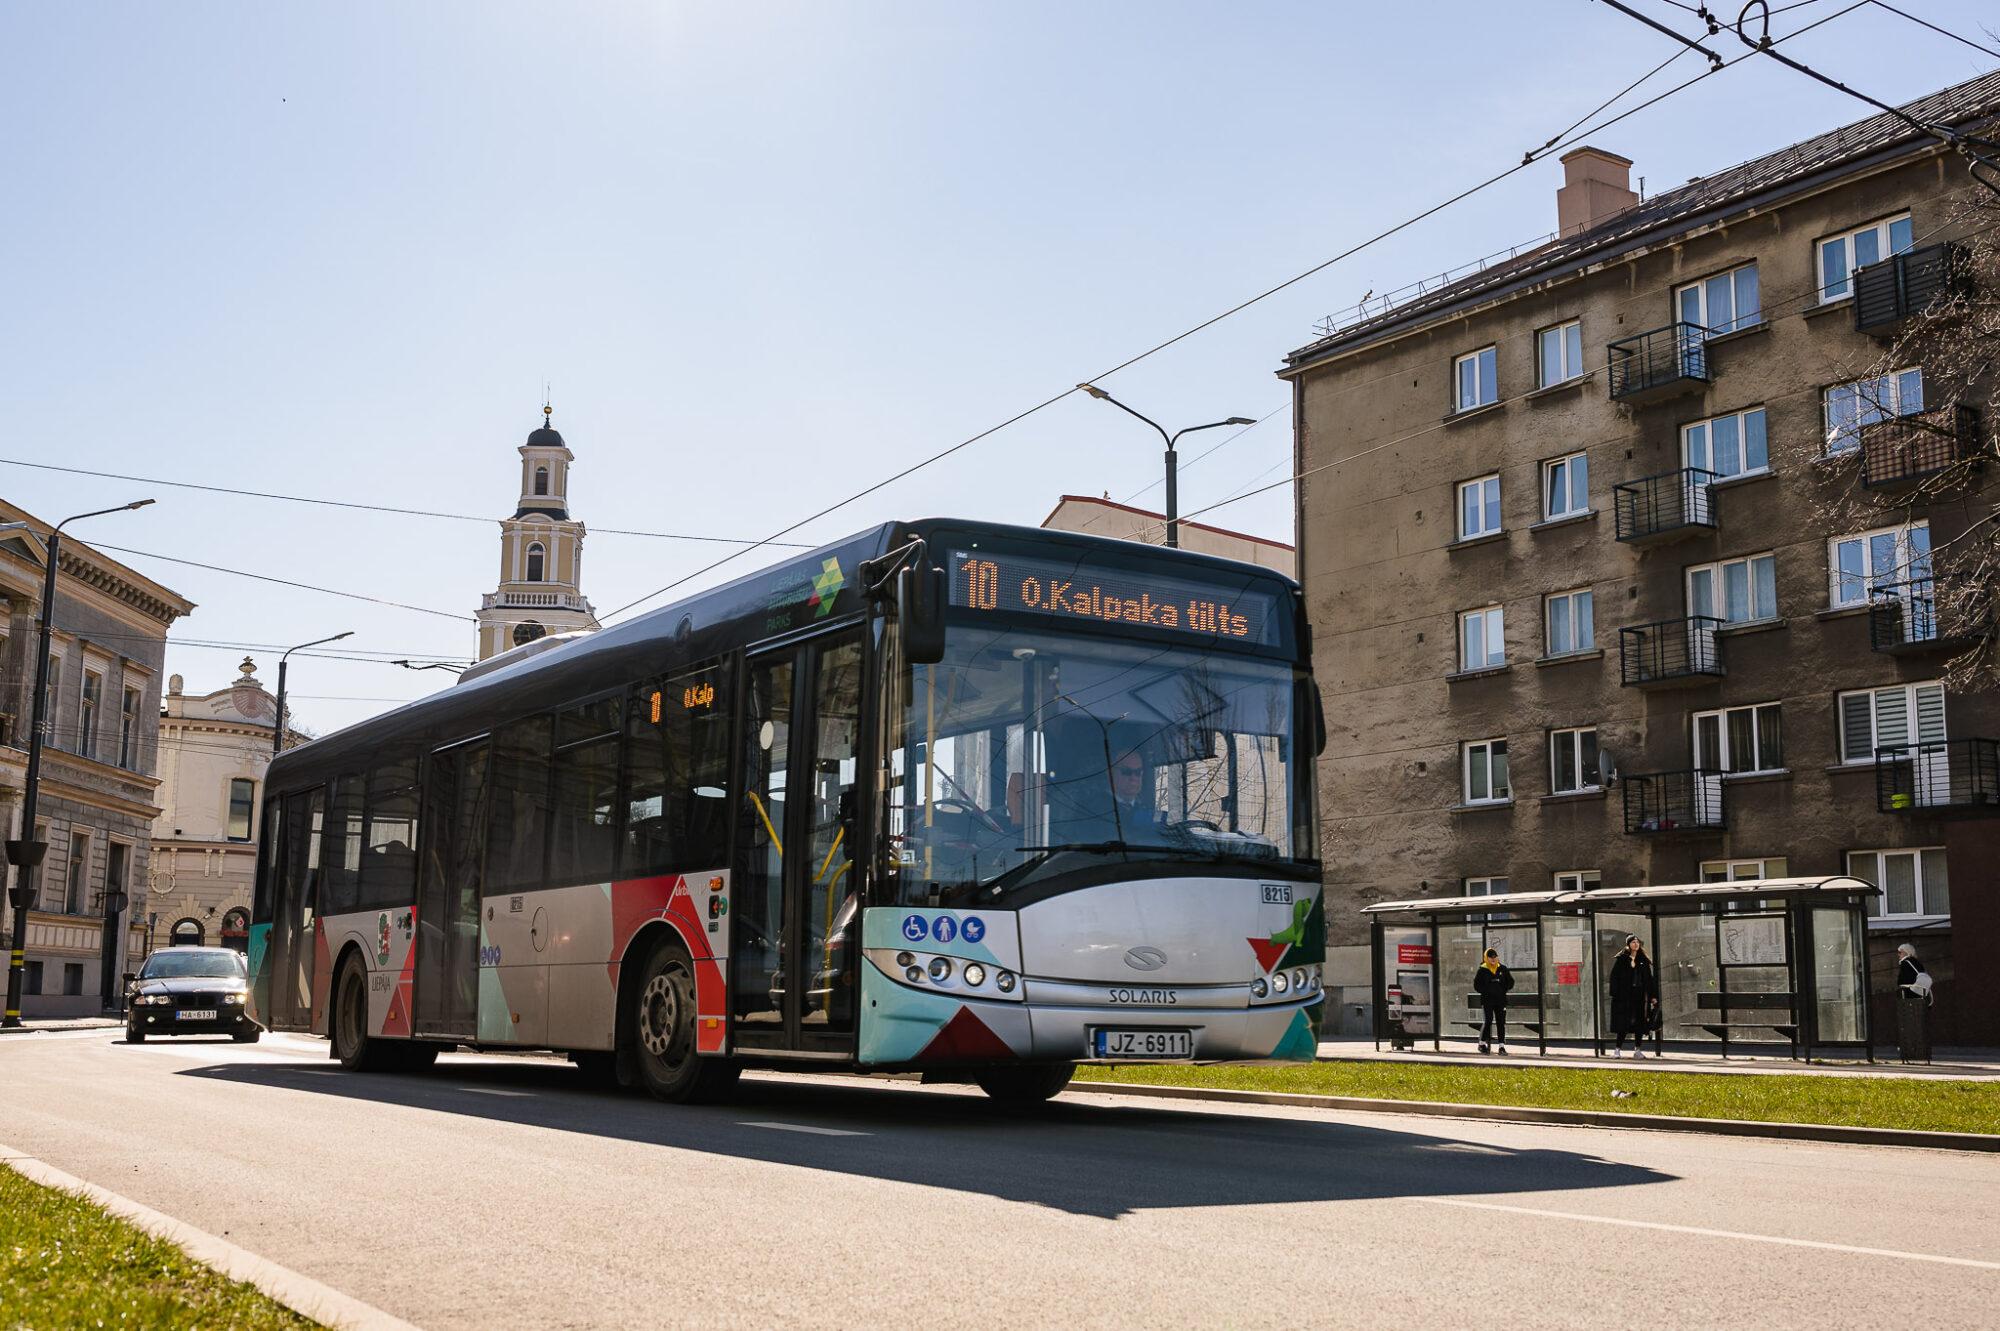 Liepājas skolēni uz eksāmeniem varēs doties ar bezmaksas sabiedrisko transportu